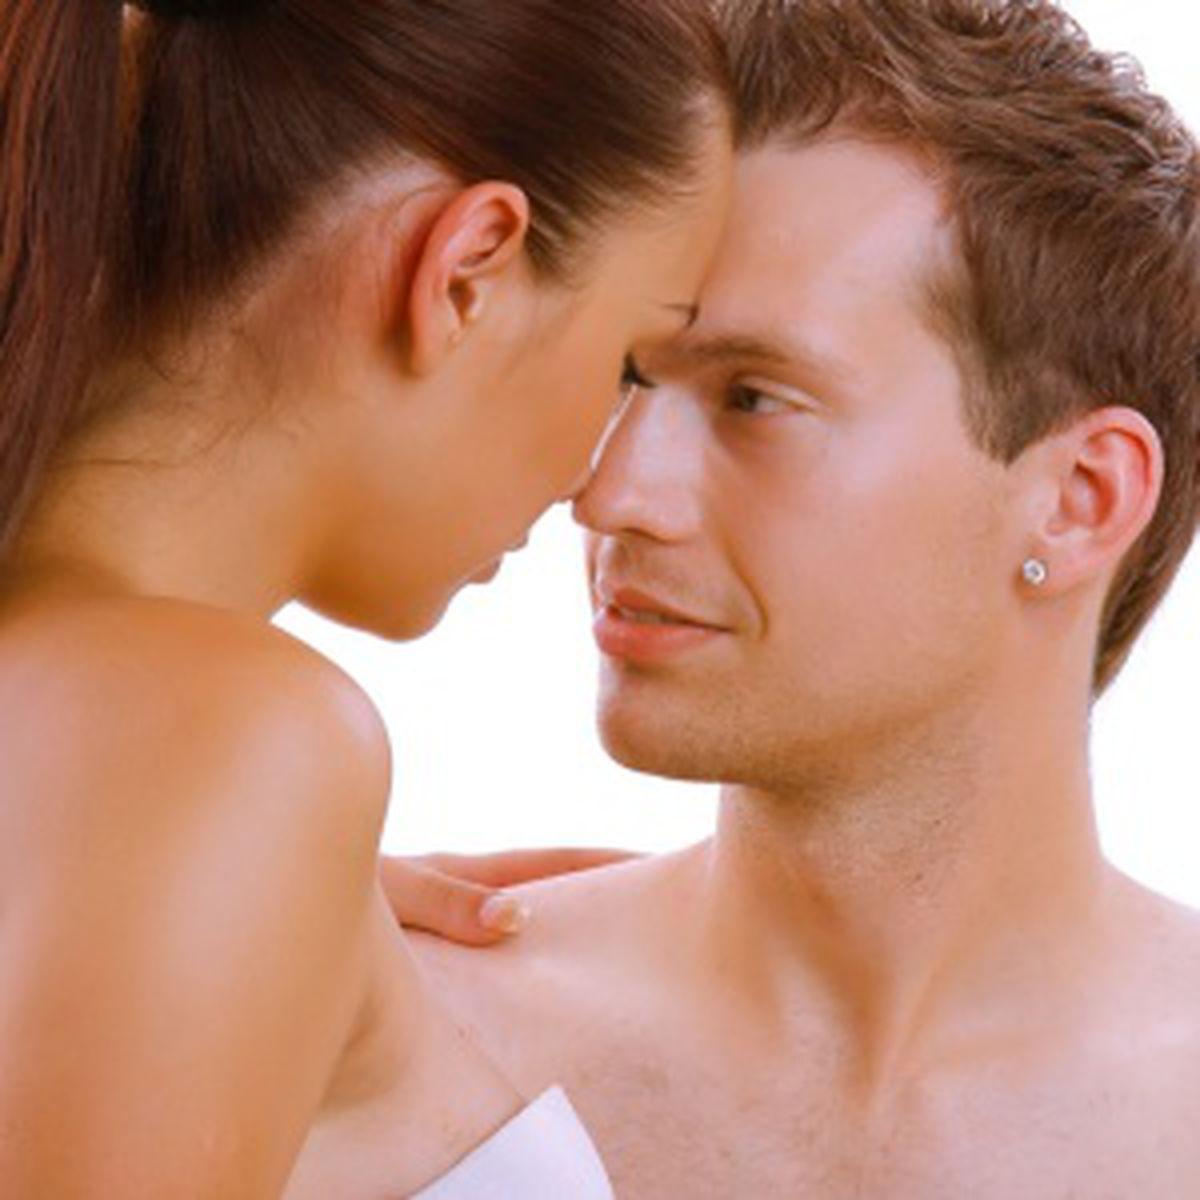 cum apare o erecție la bărbați pentru o erecție bună la bărbați